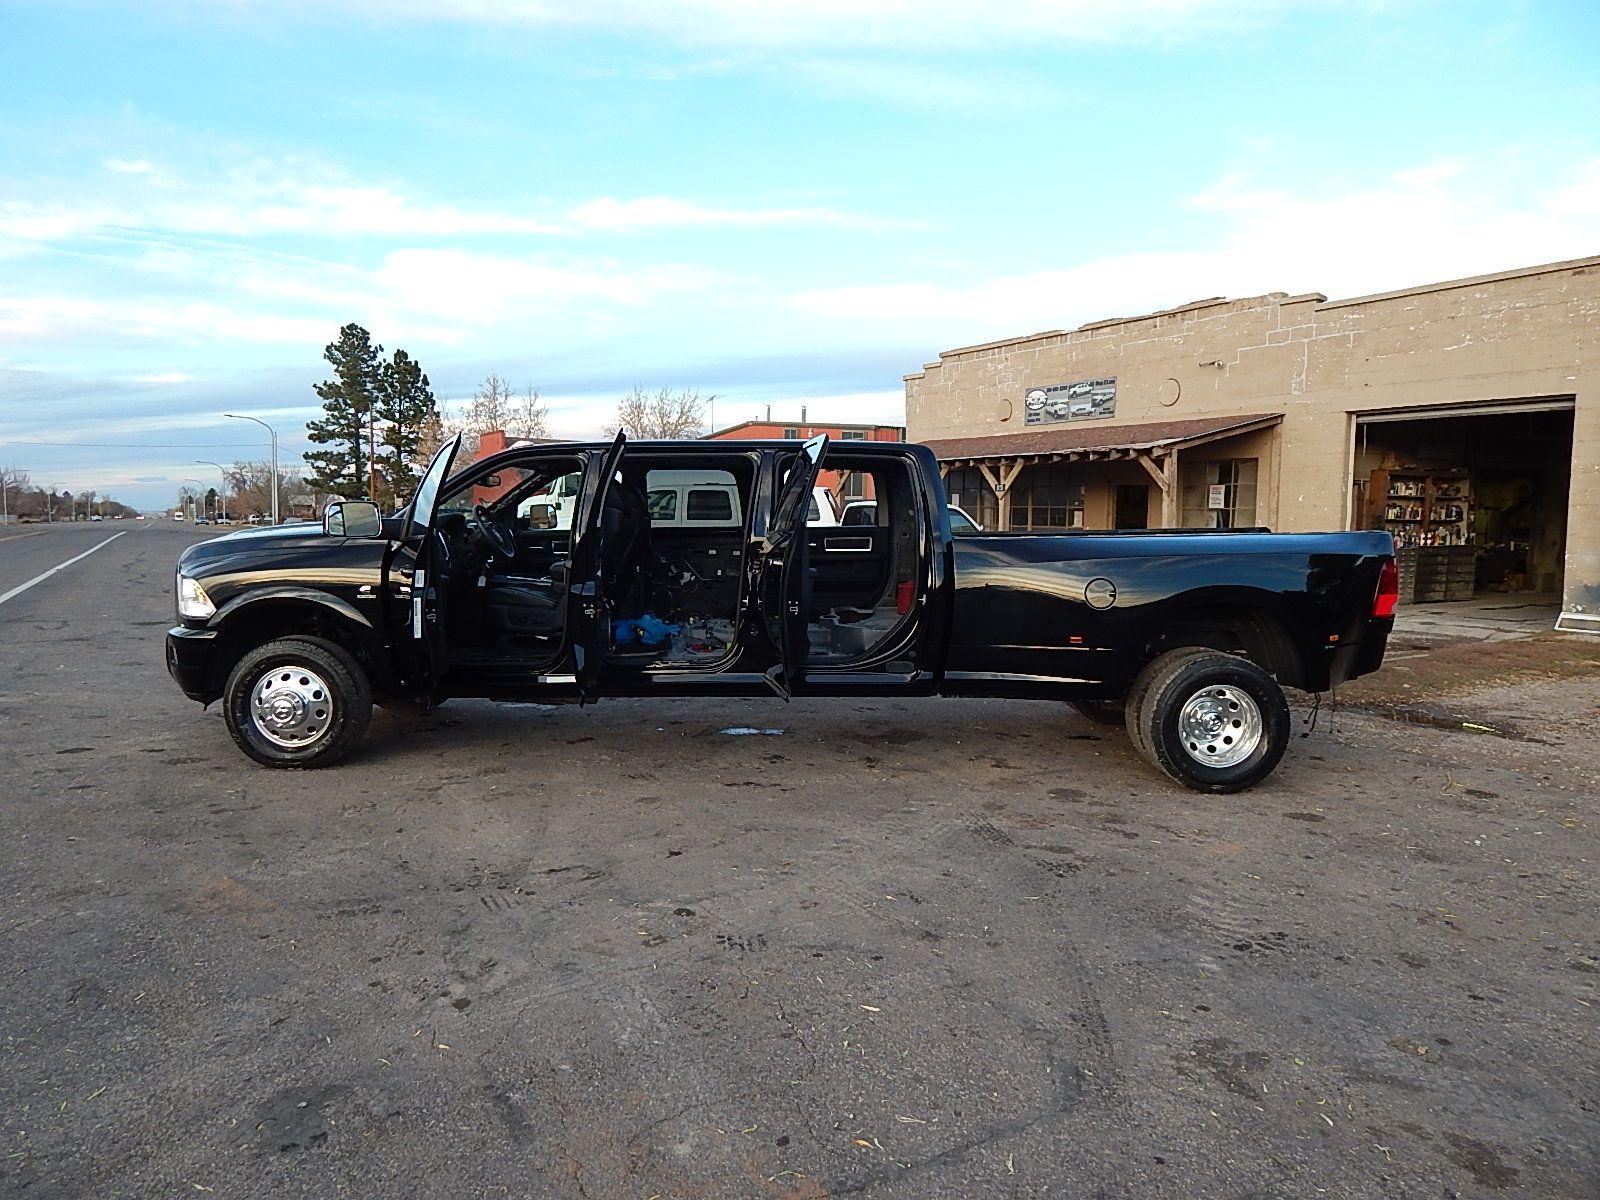 Diesel Sellerz 6door Dodge | 700 Hours Lateru2026. Probably The Coolest Dodge 6  Door